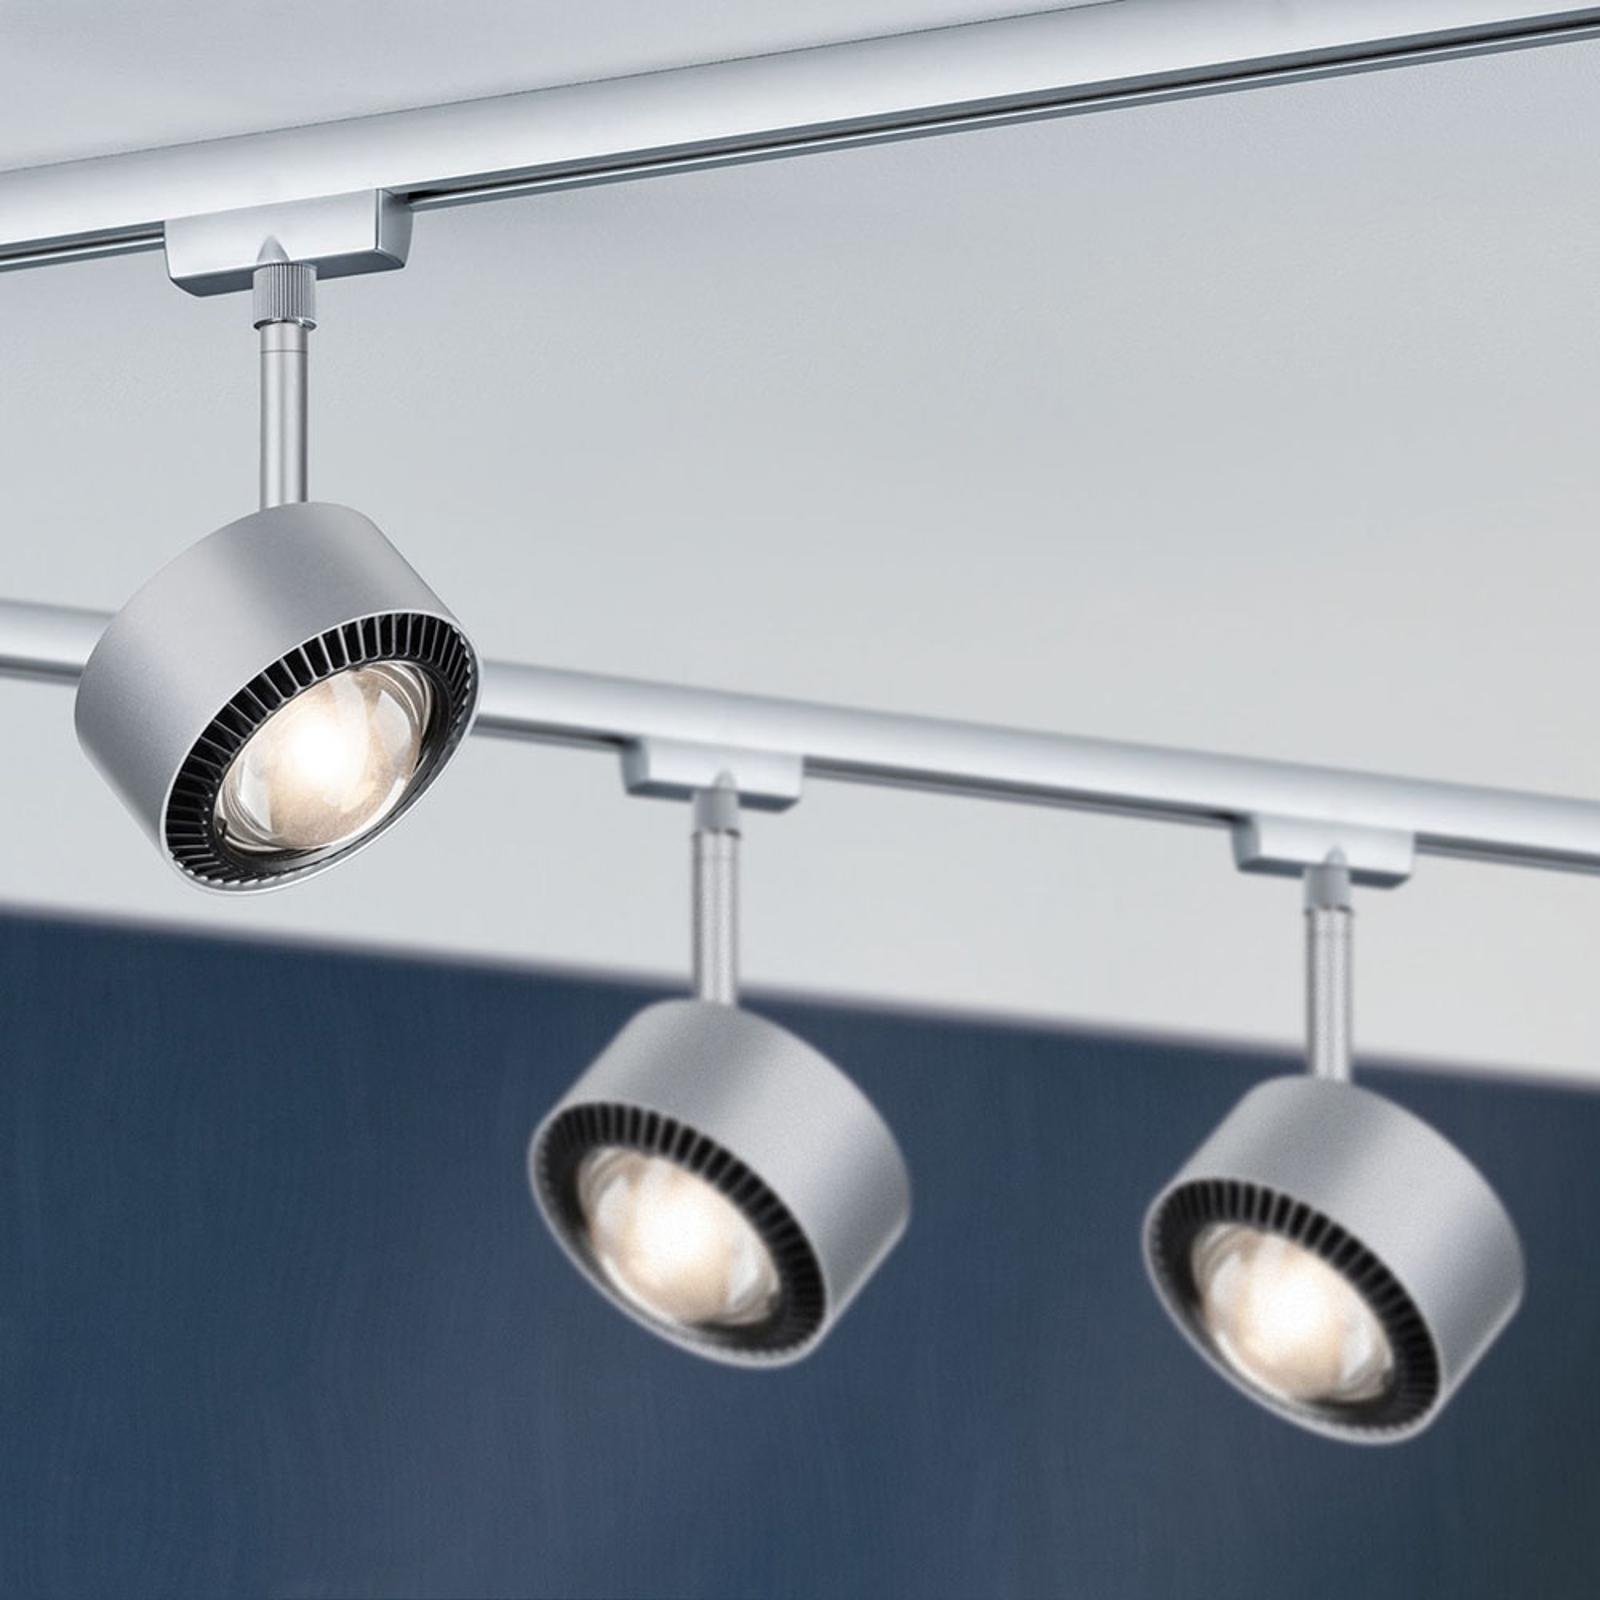 Paulmann LED-Spot Aldan URail chrom matt/schwarz